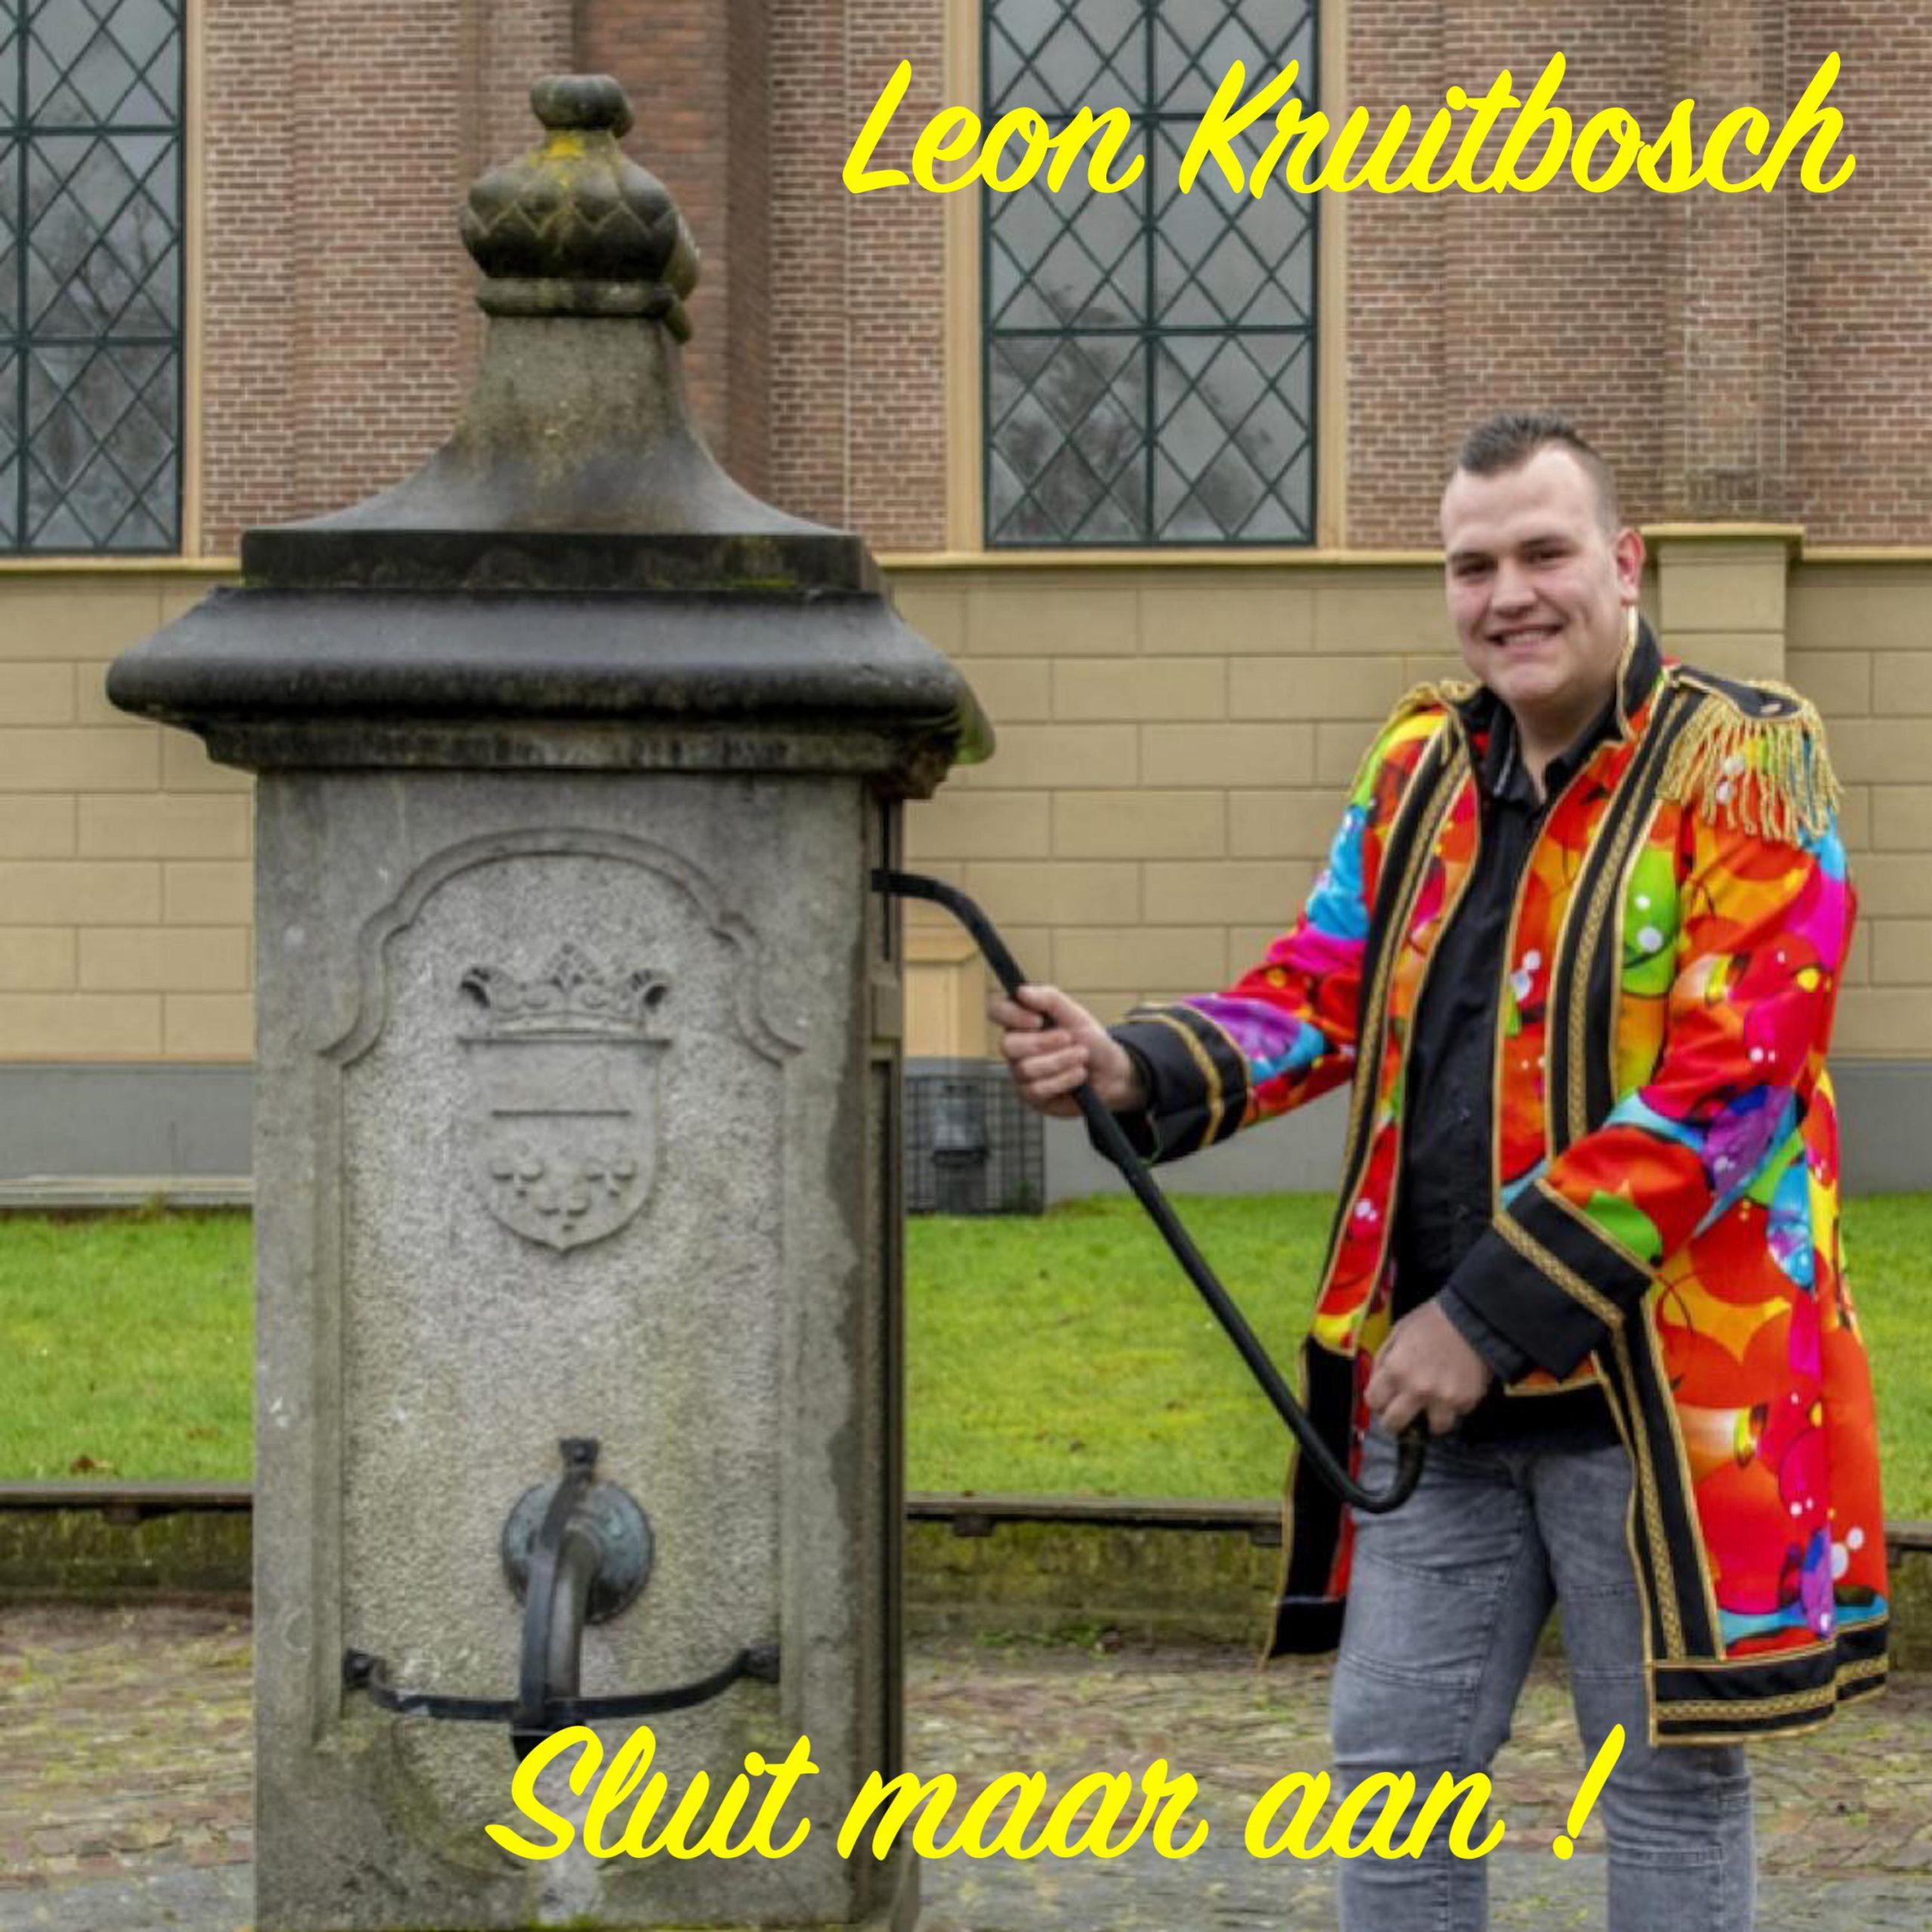 Leon Kruitbosch-Sluit maar aan!